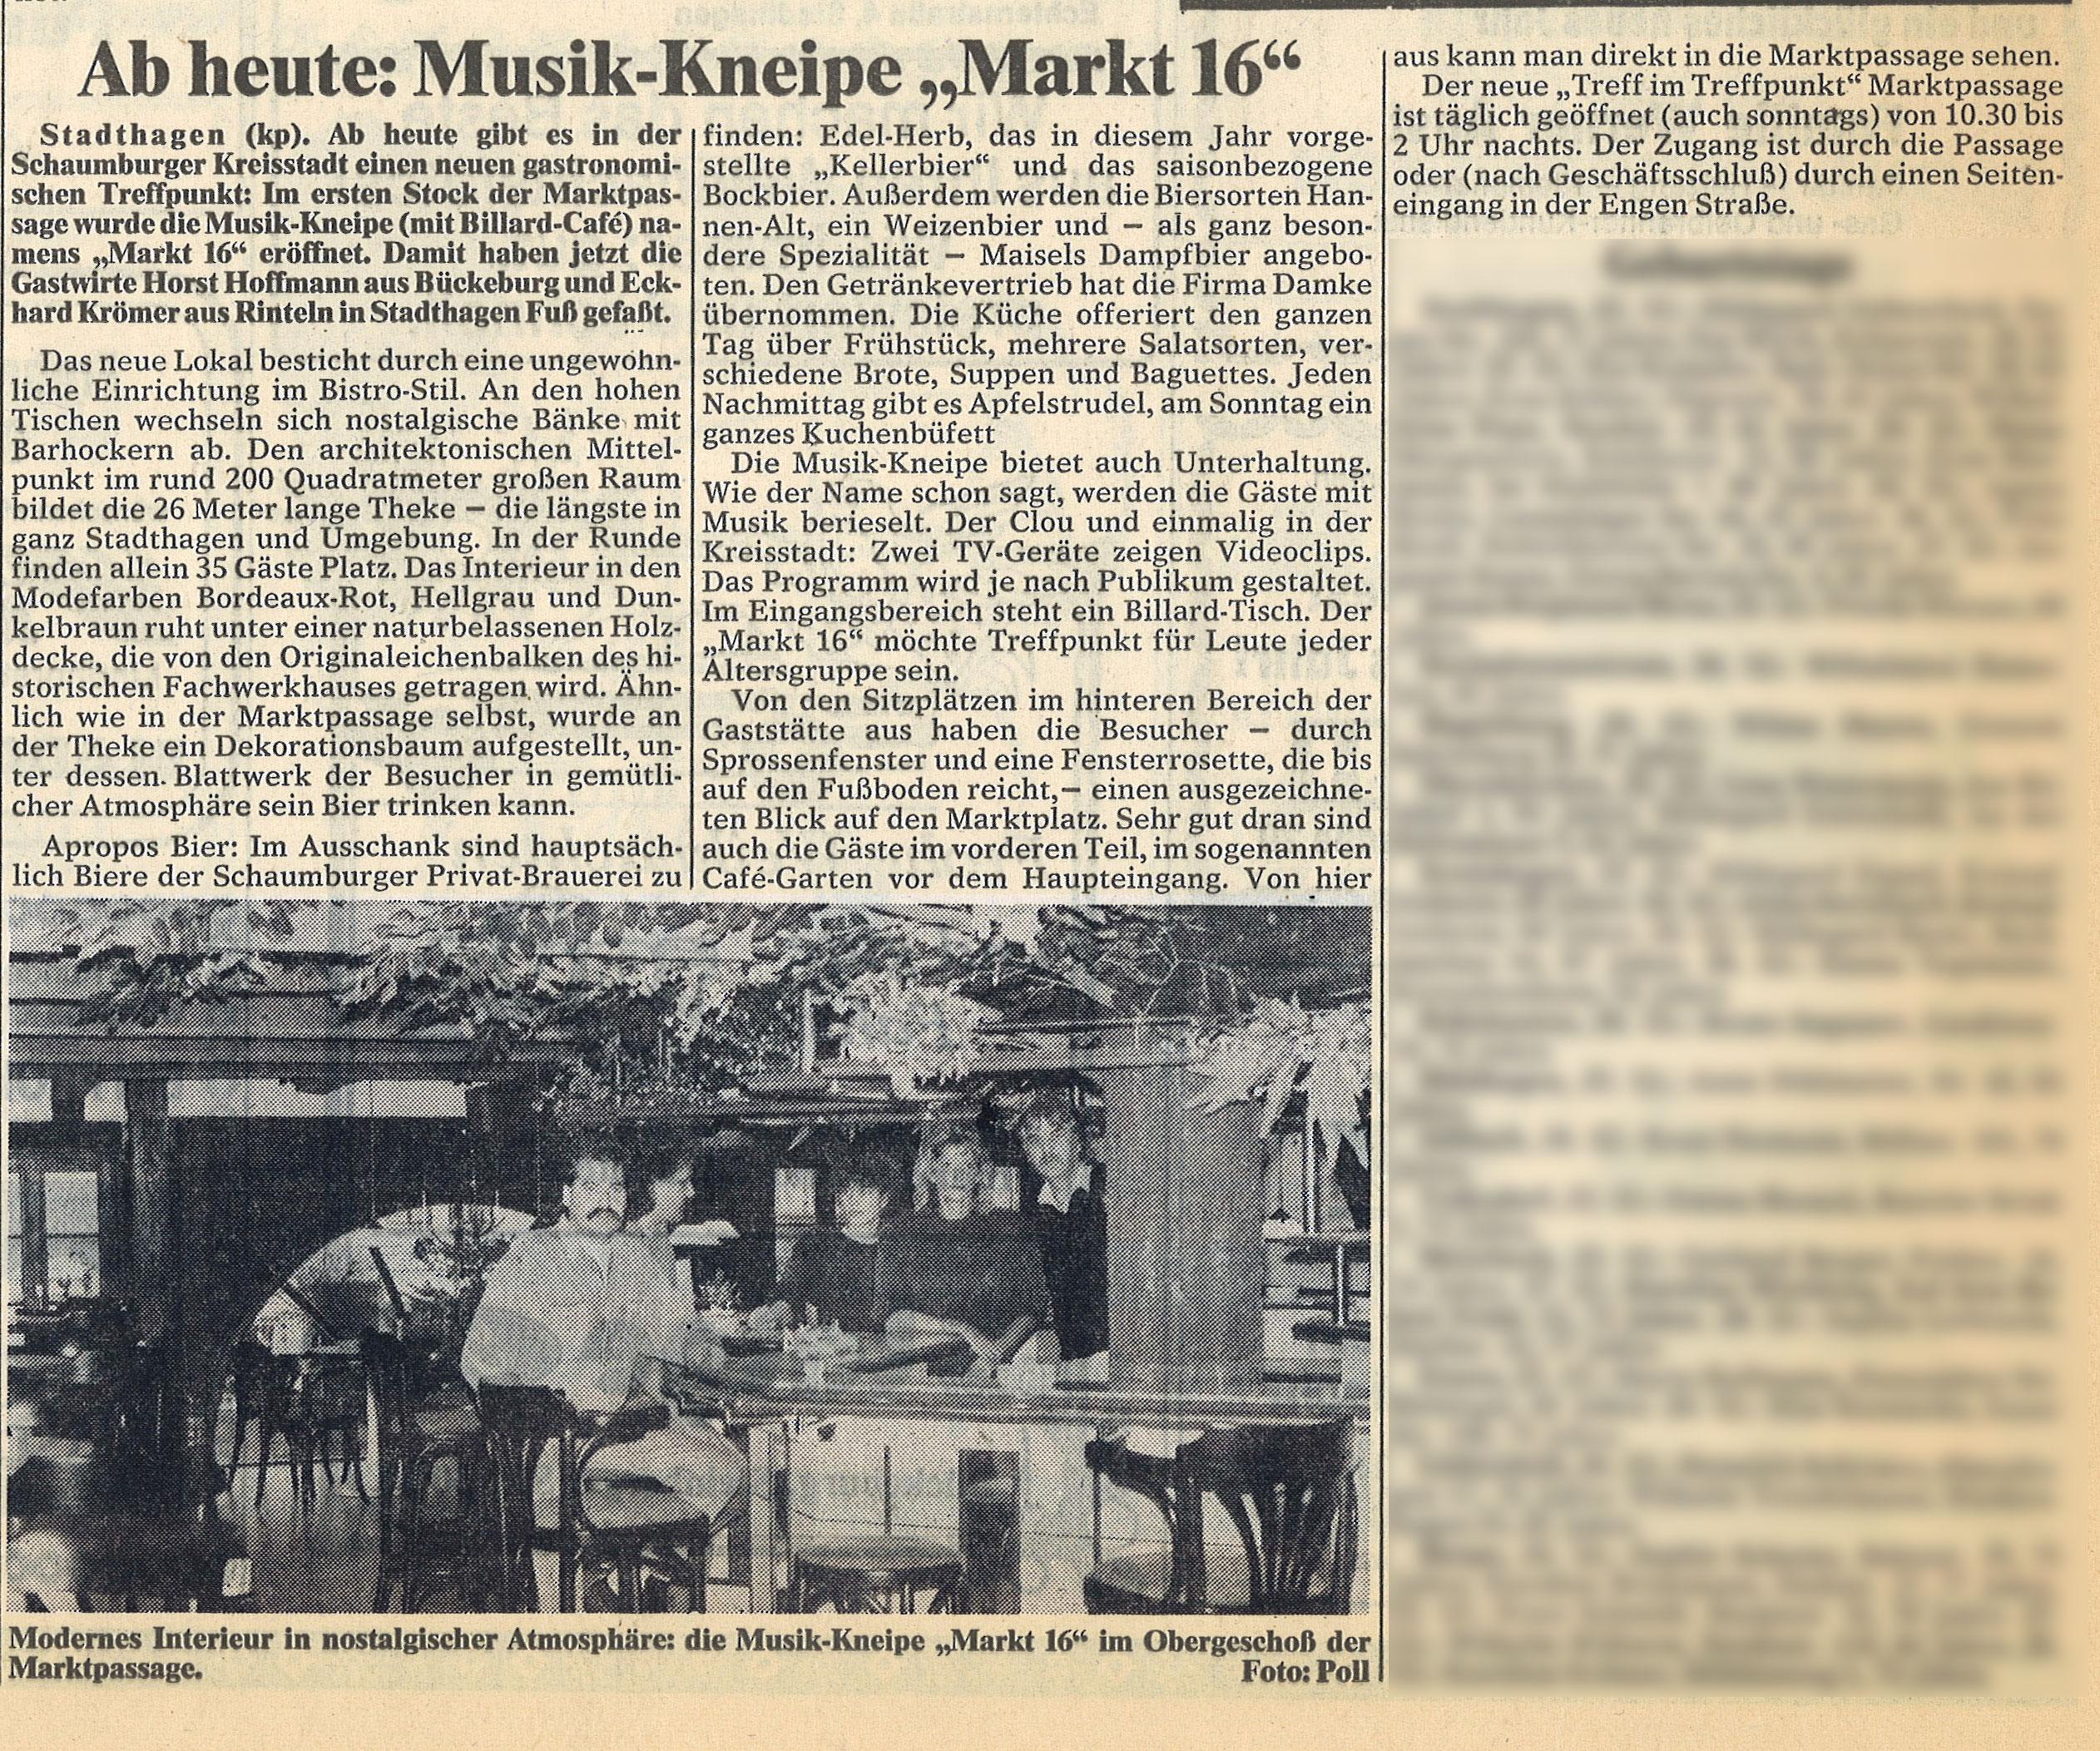 General-Anzeiger-1988-Dezember-22-Markt-16